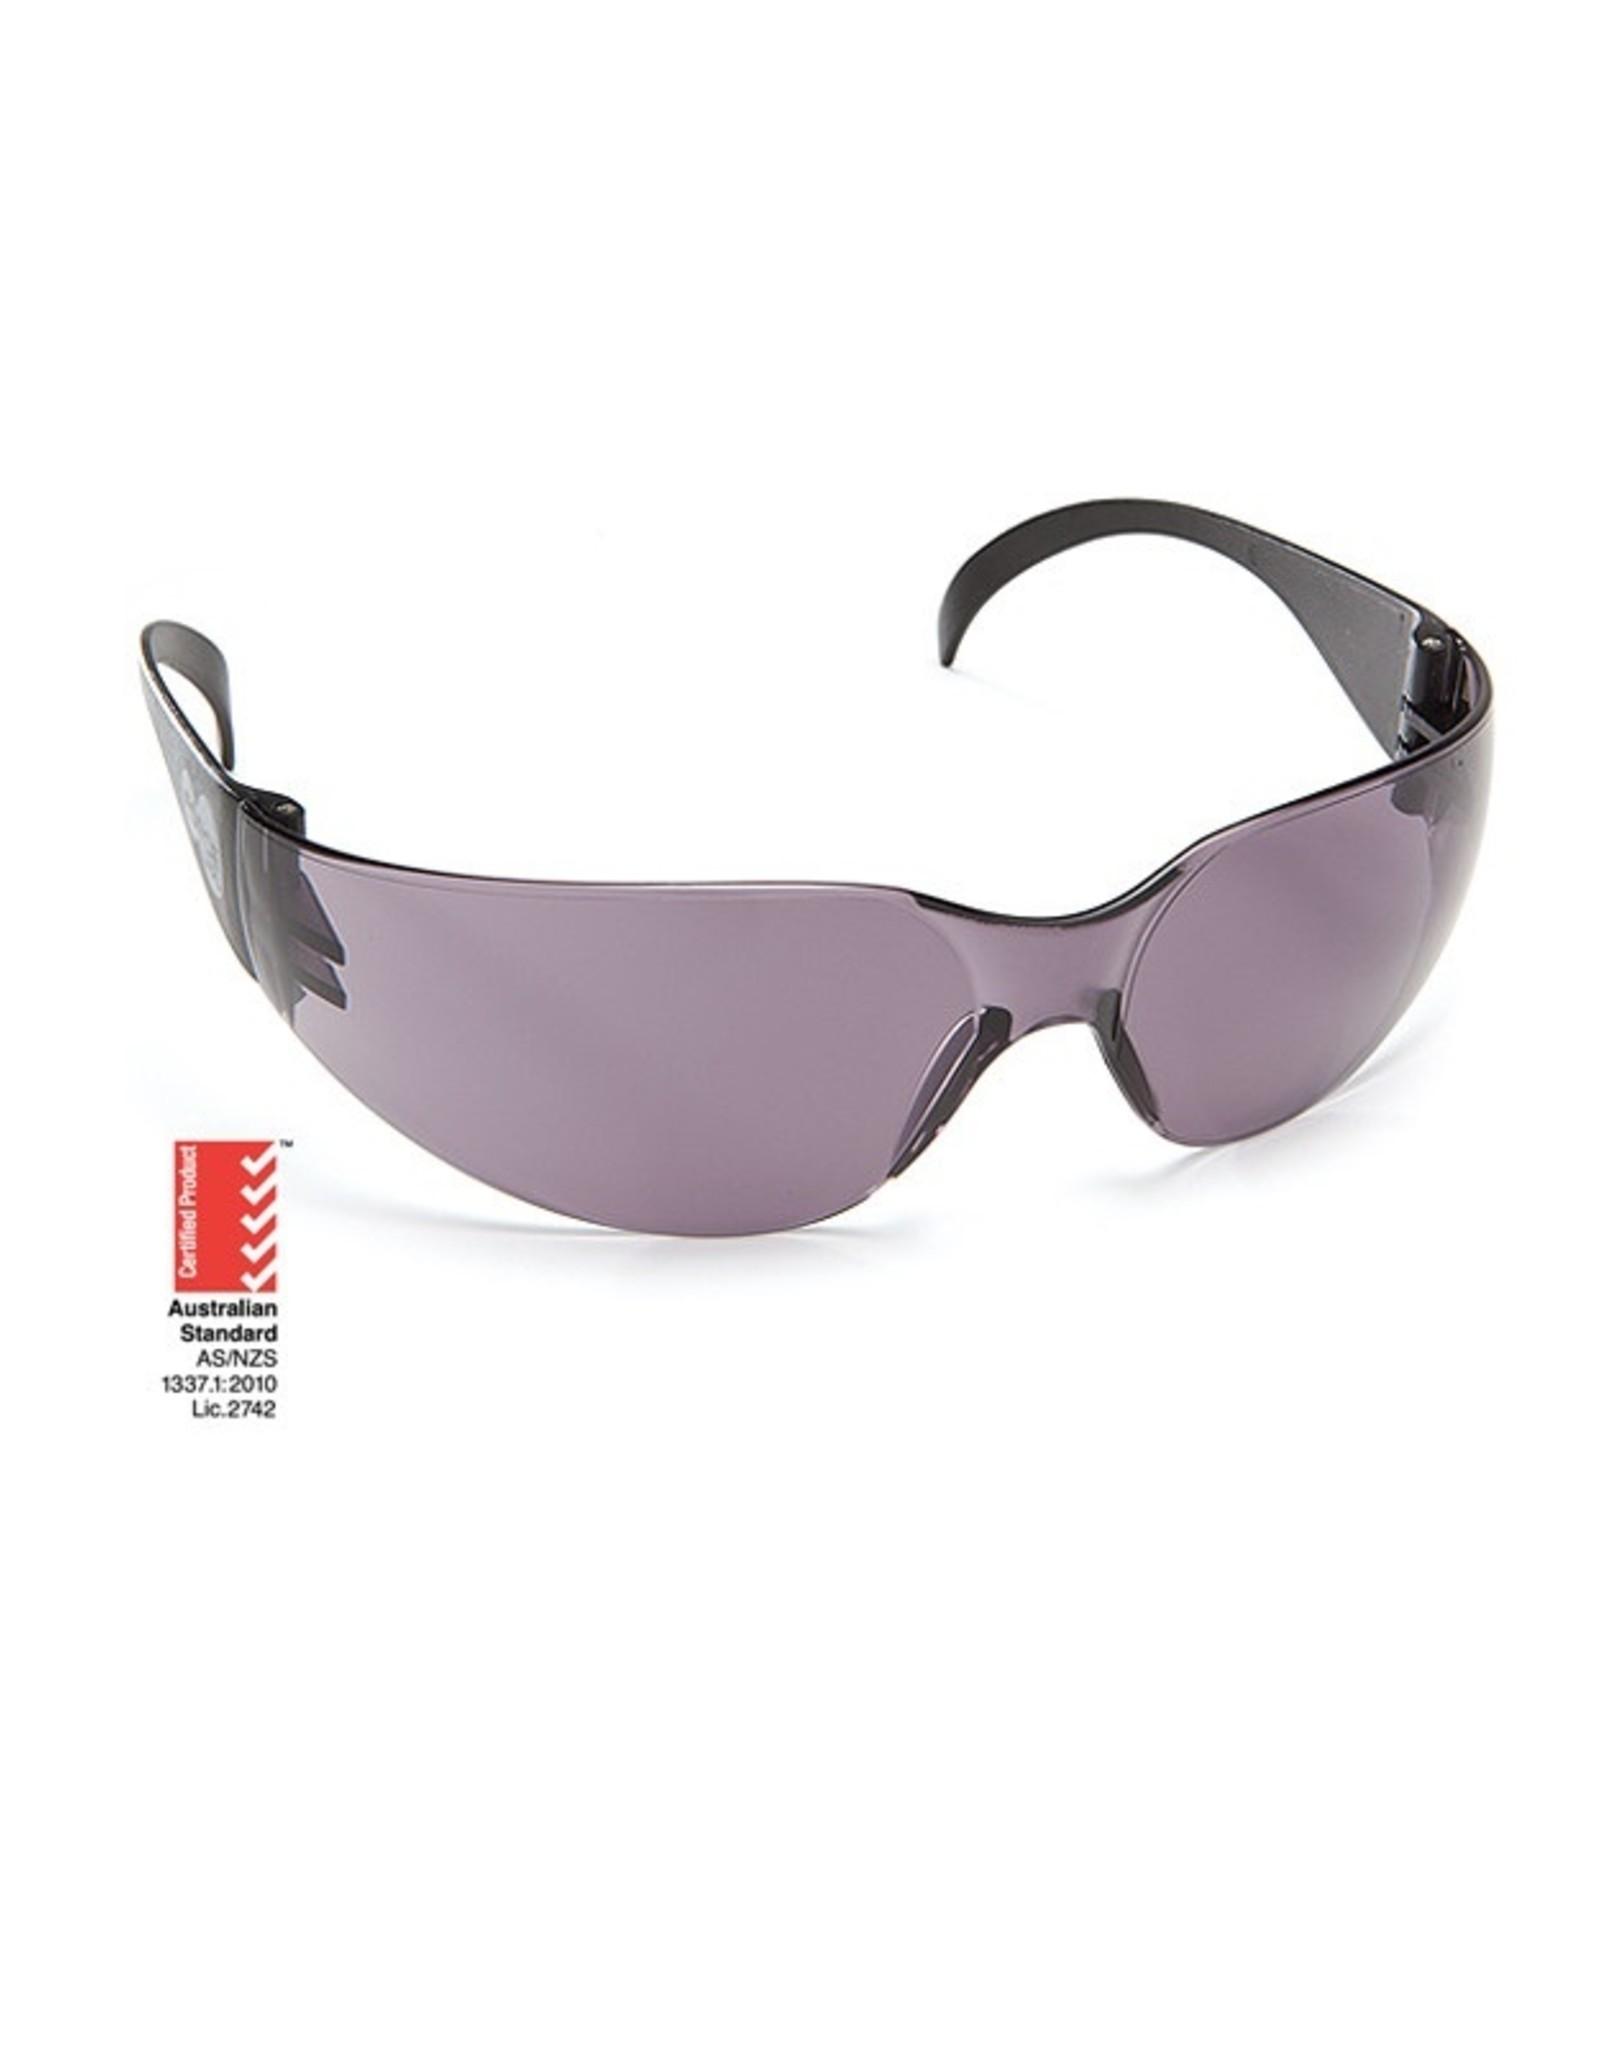 Force360 Force360 Radar Safety Glasses